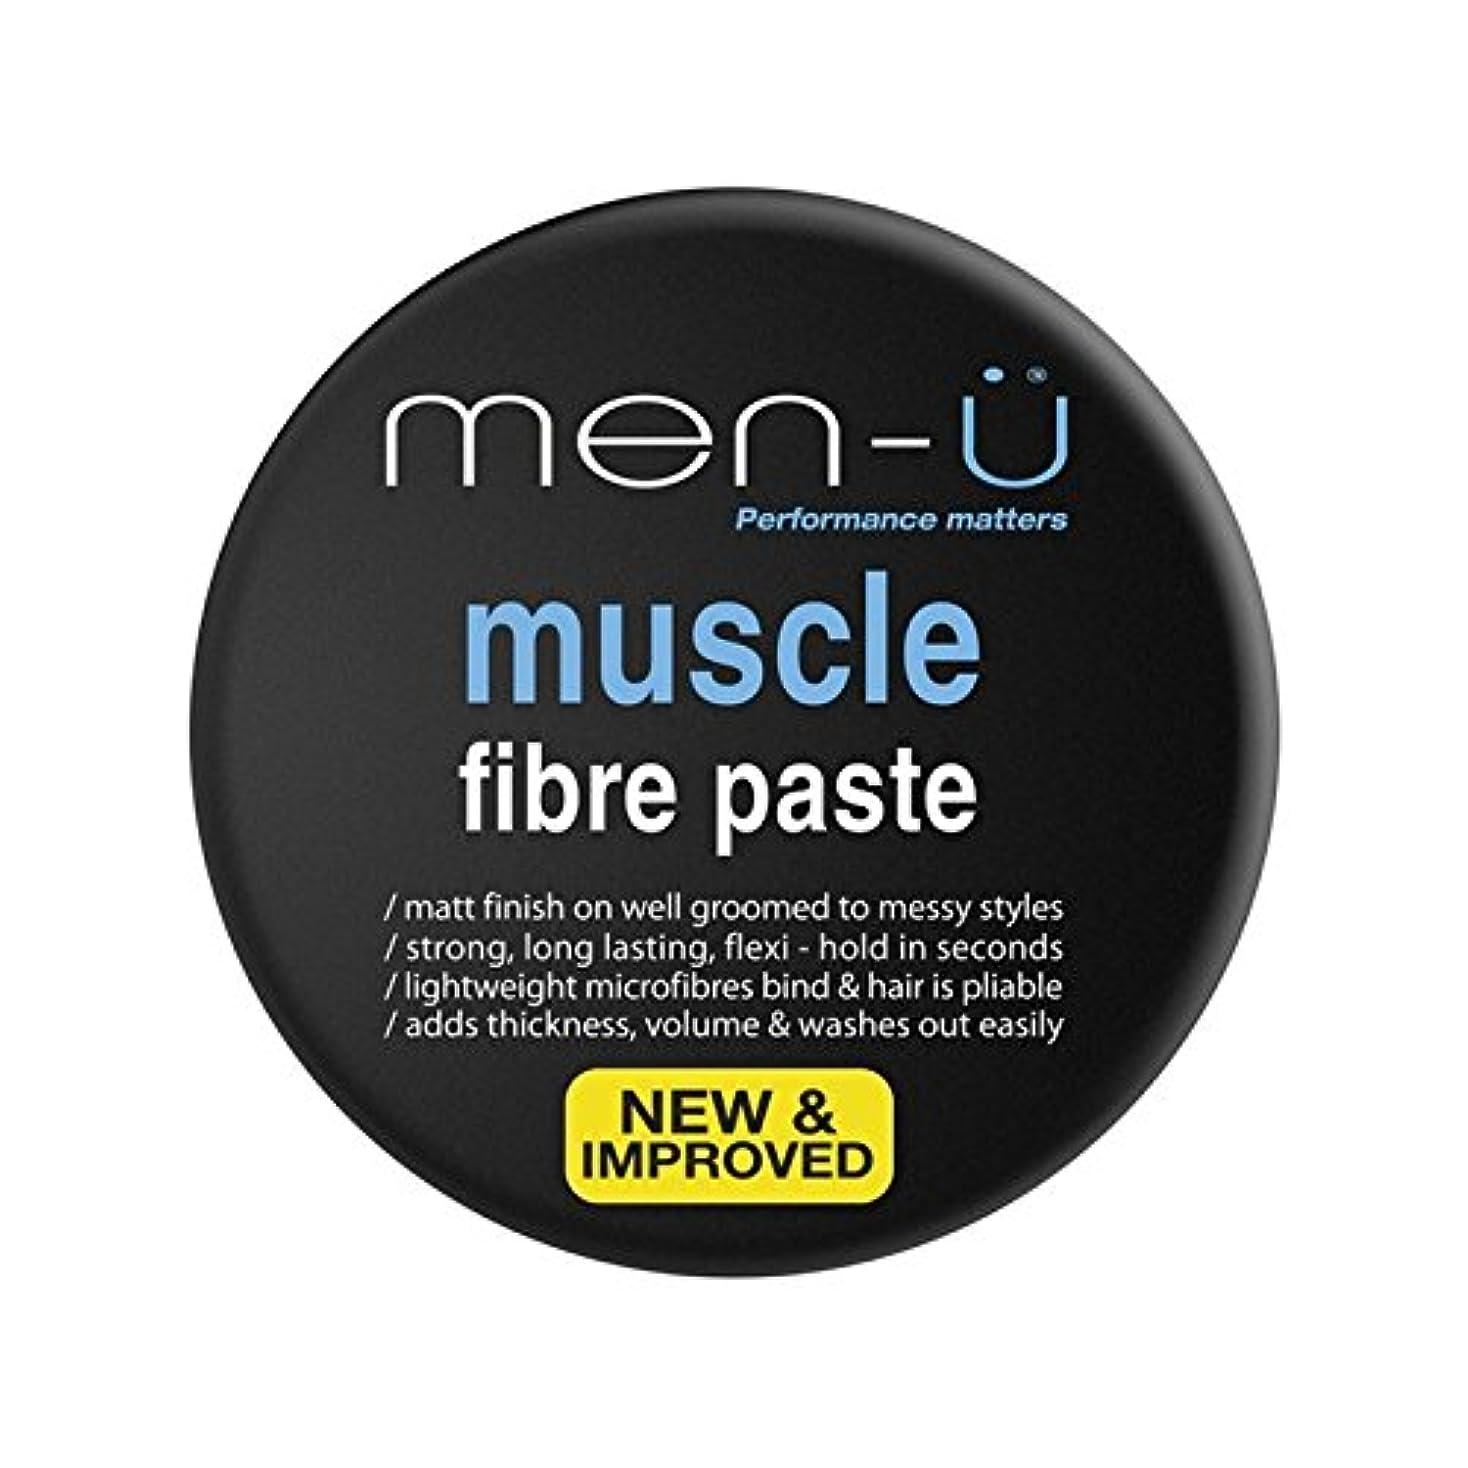 ディスコ重さ舗装Men-? Muscle Fibre Paste (100ml) (Pack of 6) - 男性-?筋線維ペースト(100ミリリットル) x6 [並行輸入品]